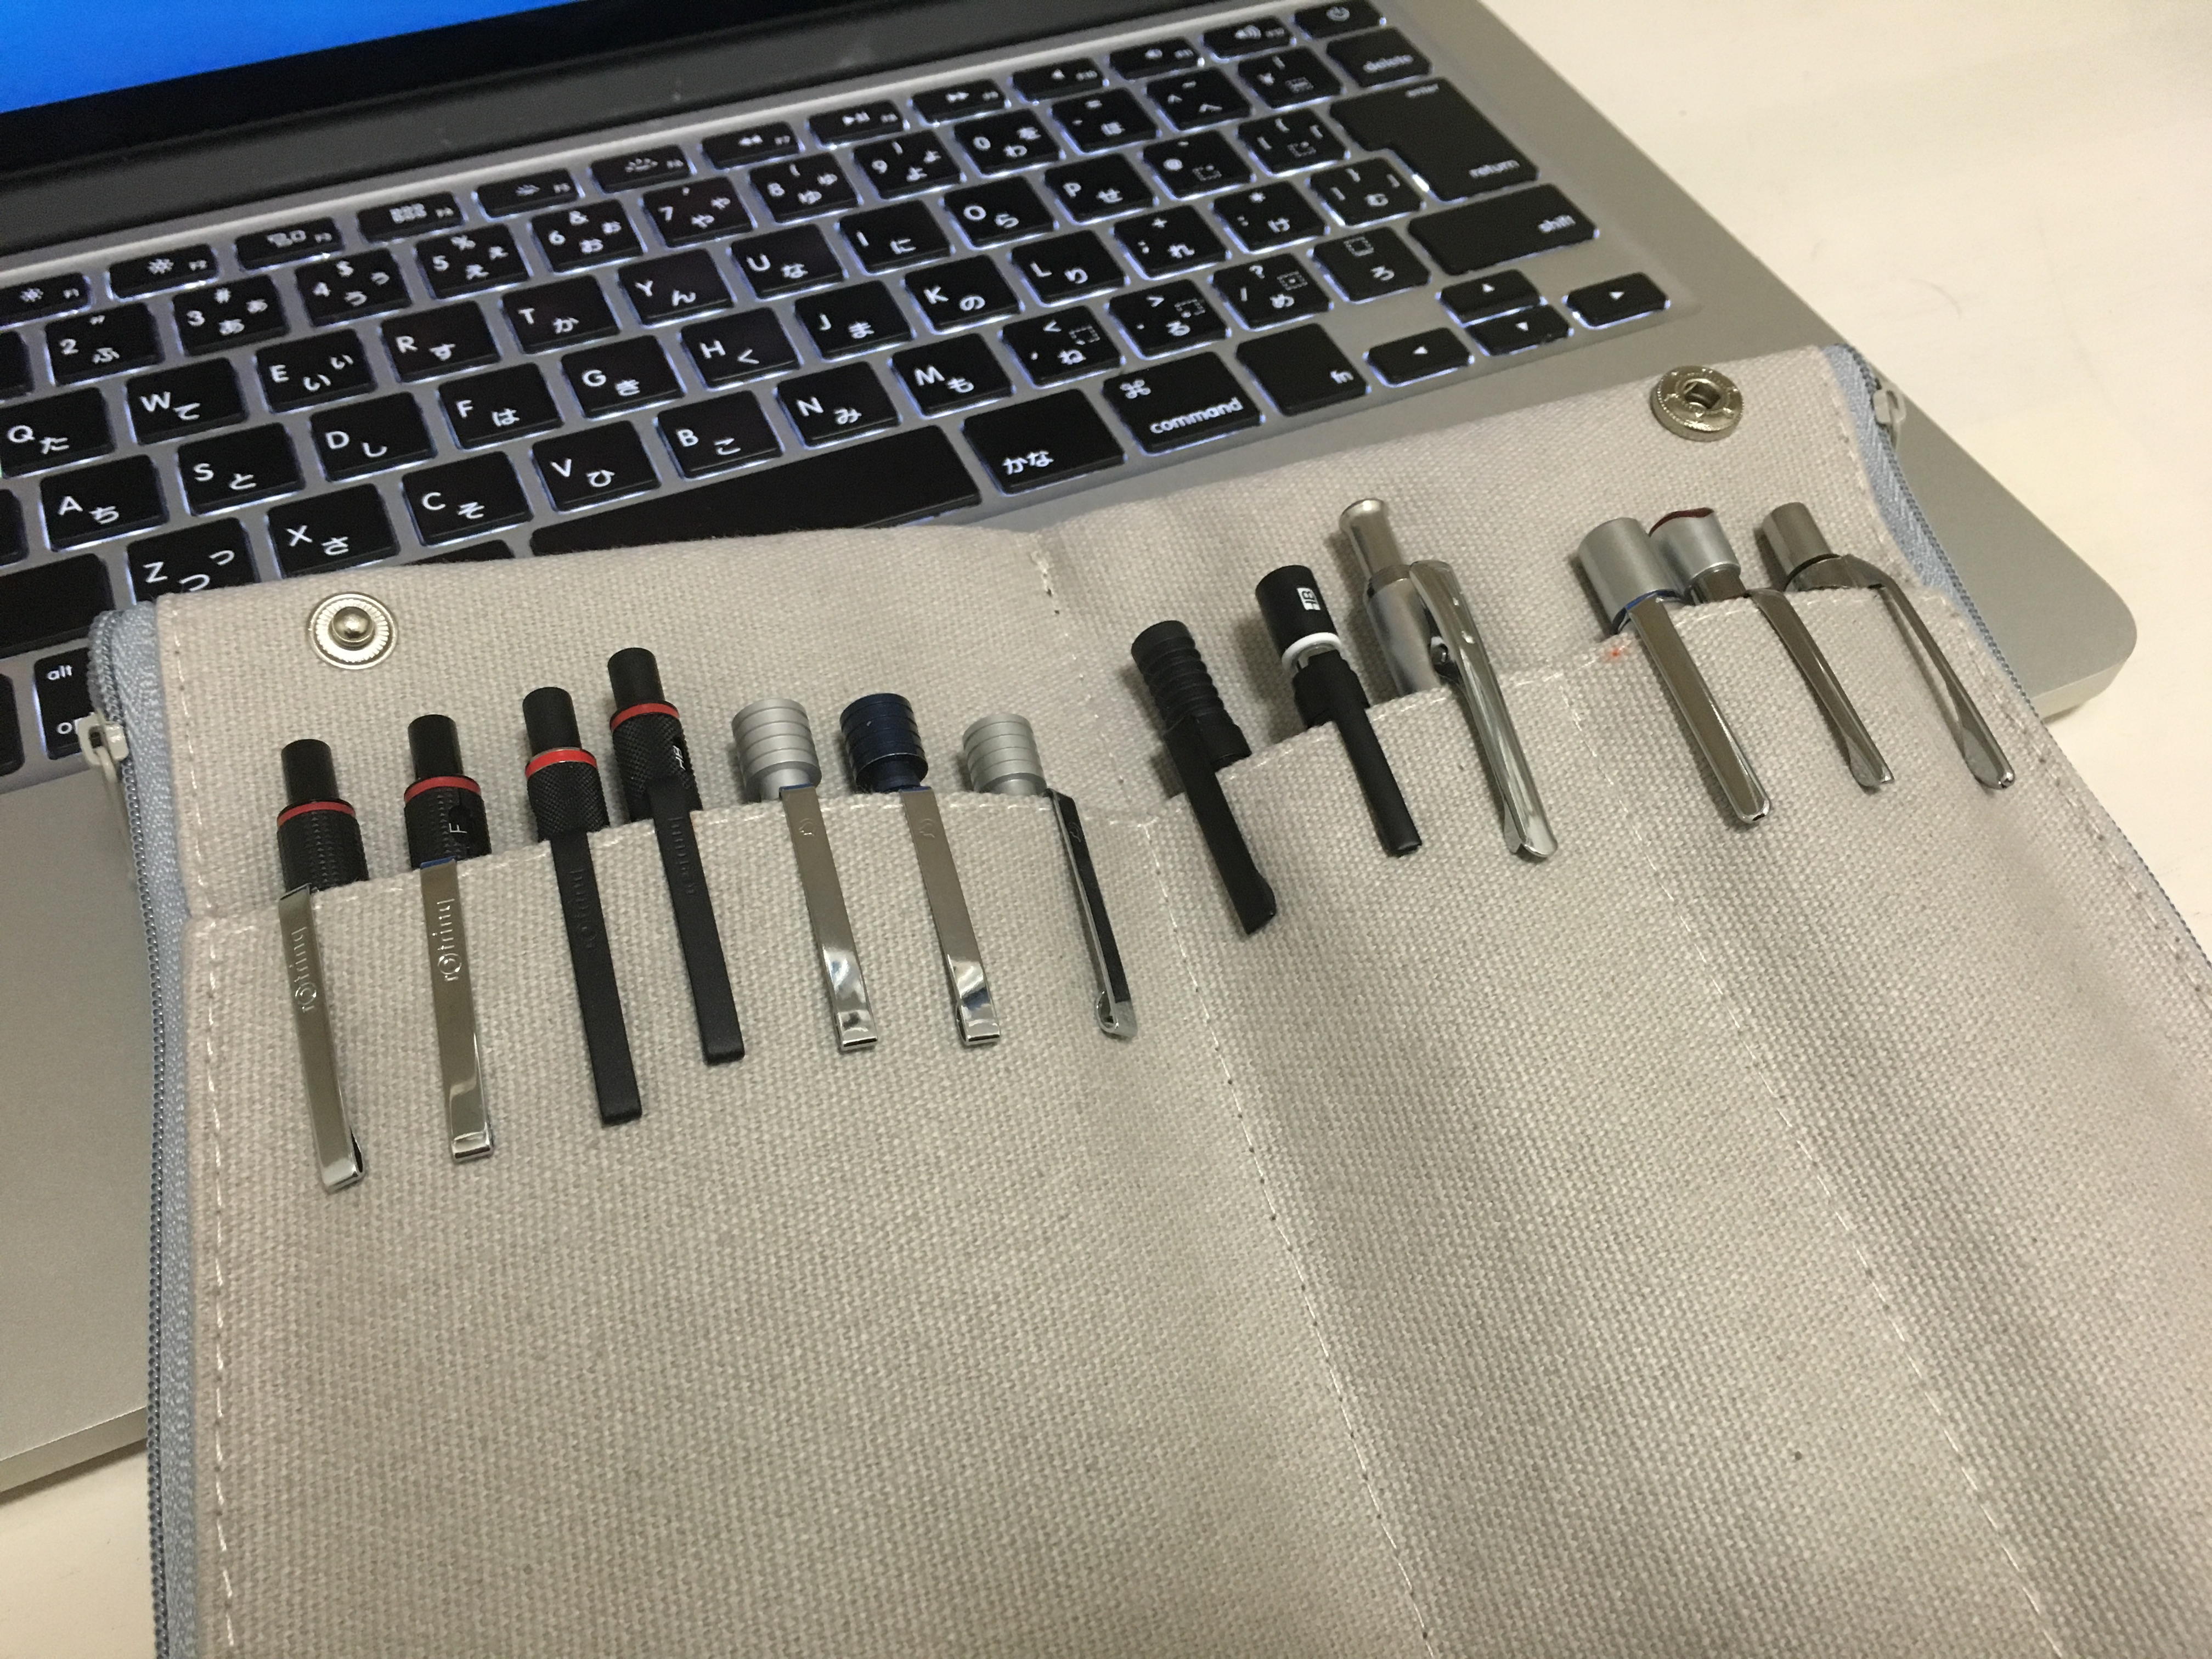 ツバメノートのペンケースのペン差し全体を使うと何本のシャーペンが差さるかを検証